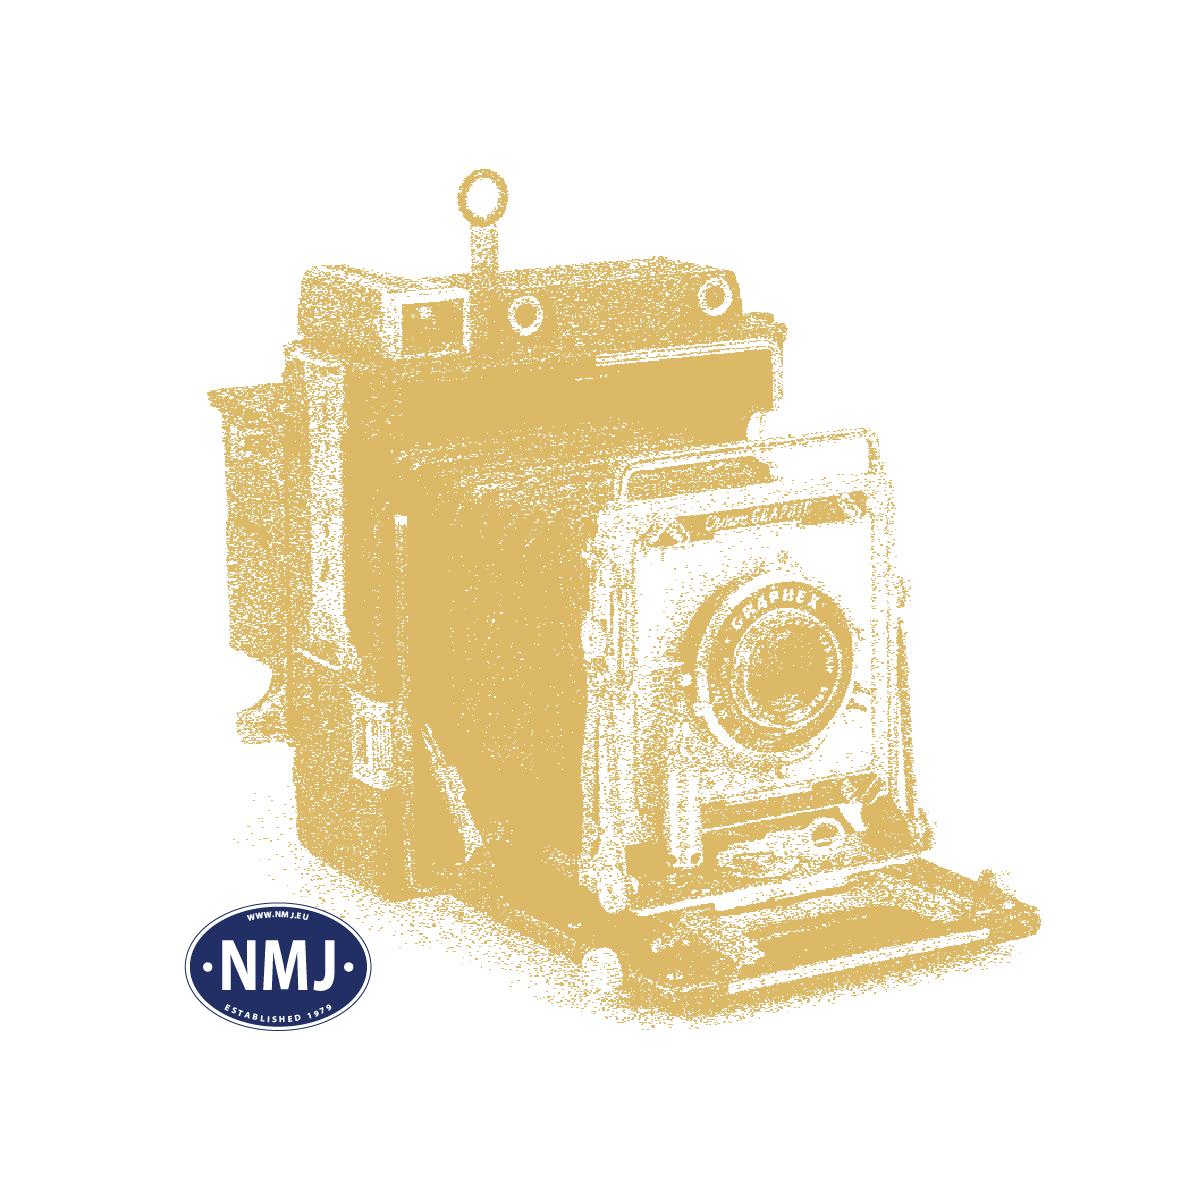 MOE0216 - Modell & Elektronikk 2/2016, Teknisk Hobbyblad